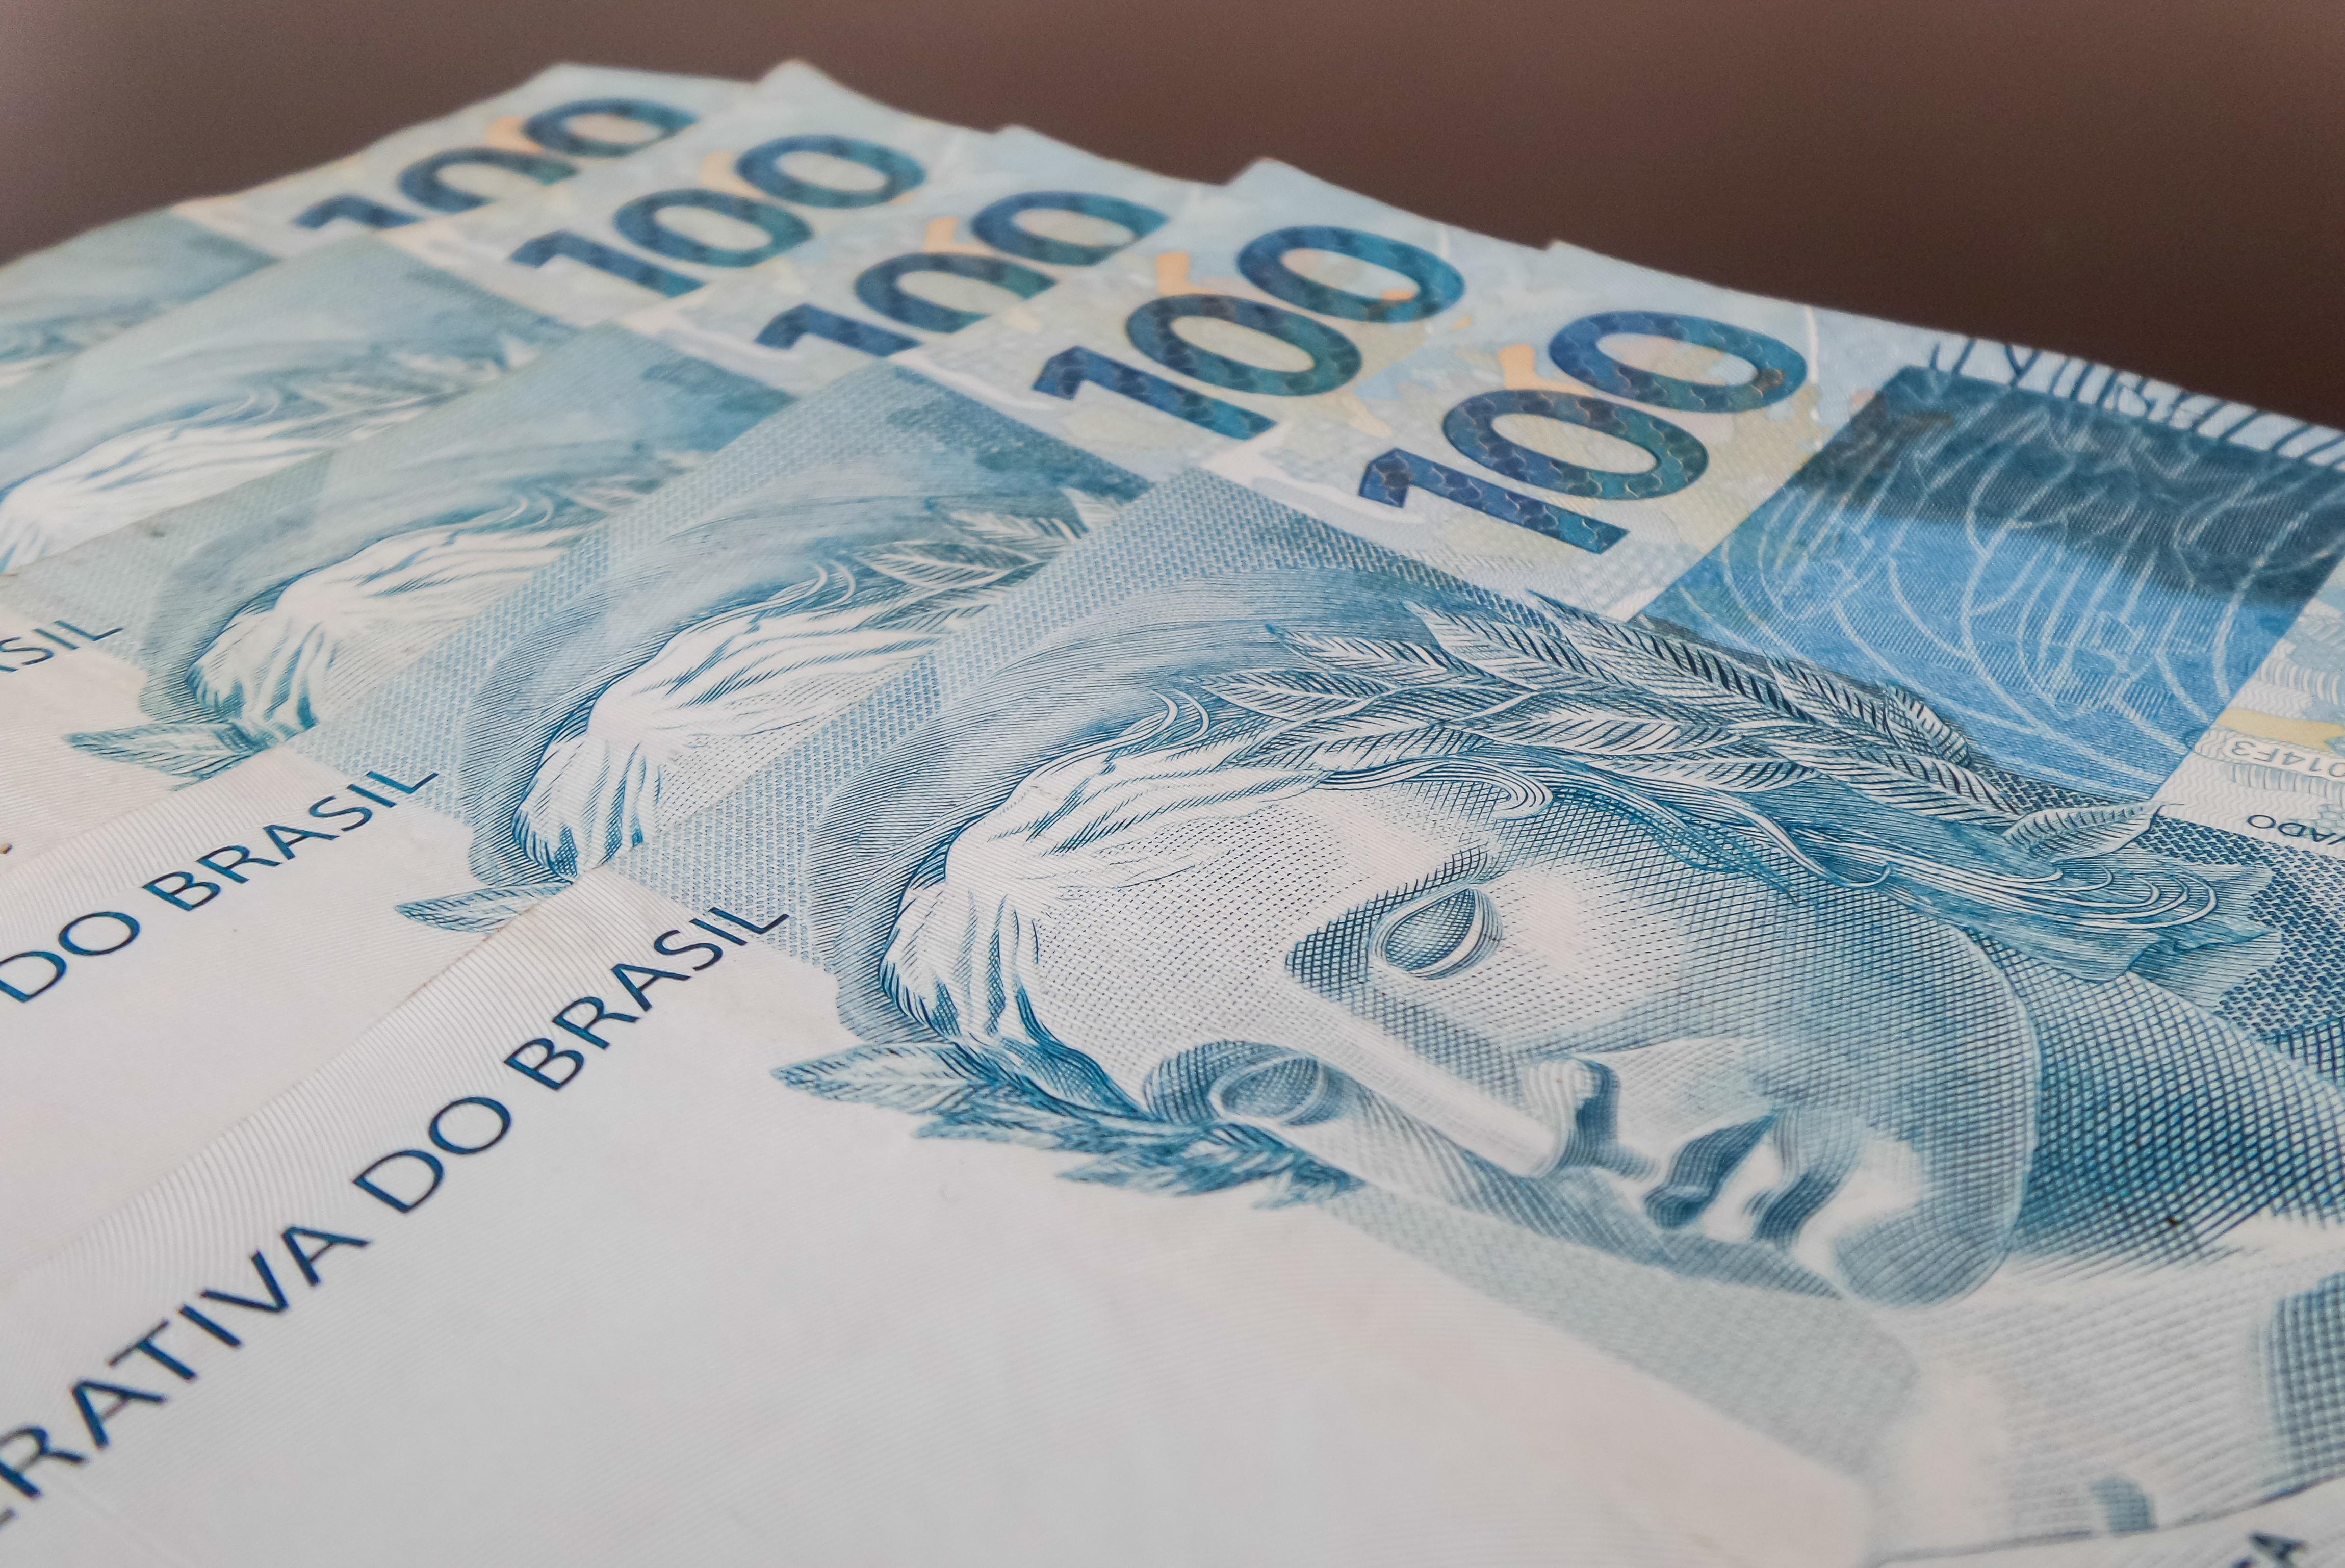 Salário mínimo pode ir a R$ 1.192 em 2022 após governo aumentar expectativa para a inflação